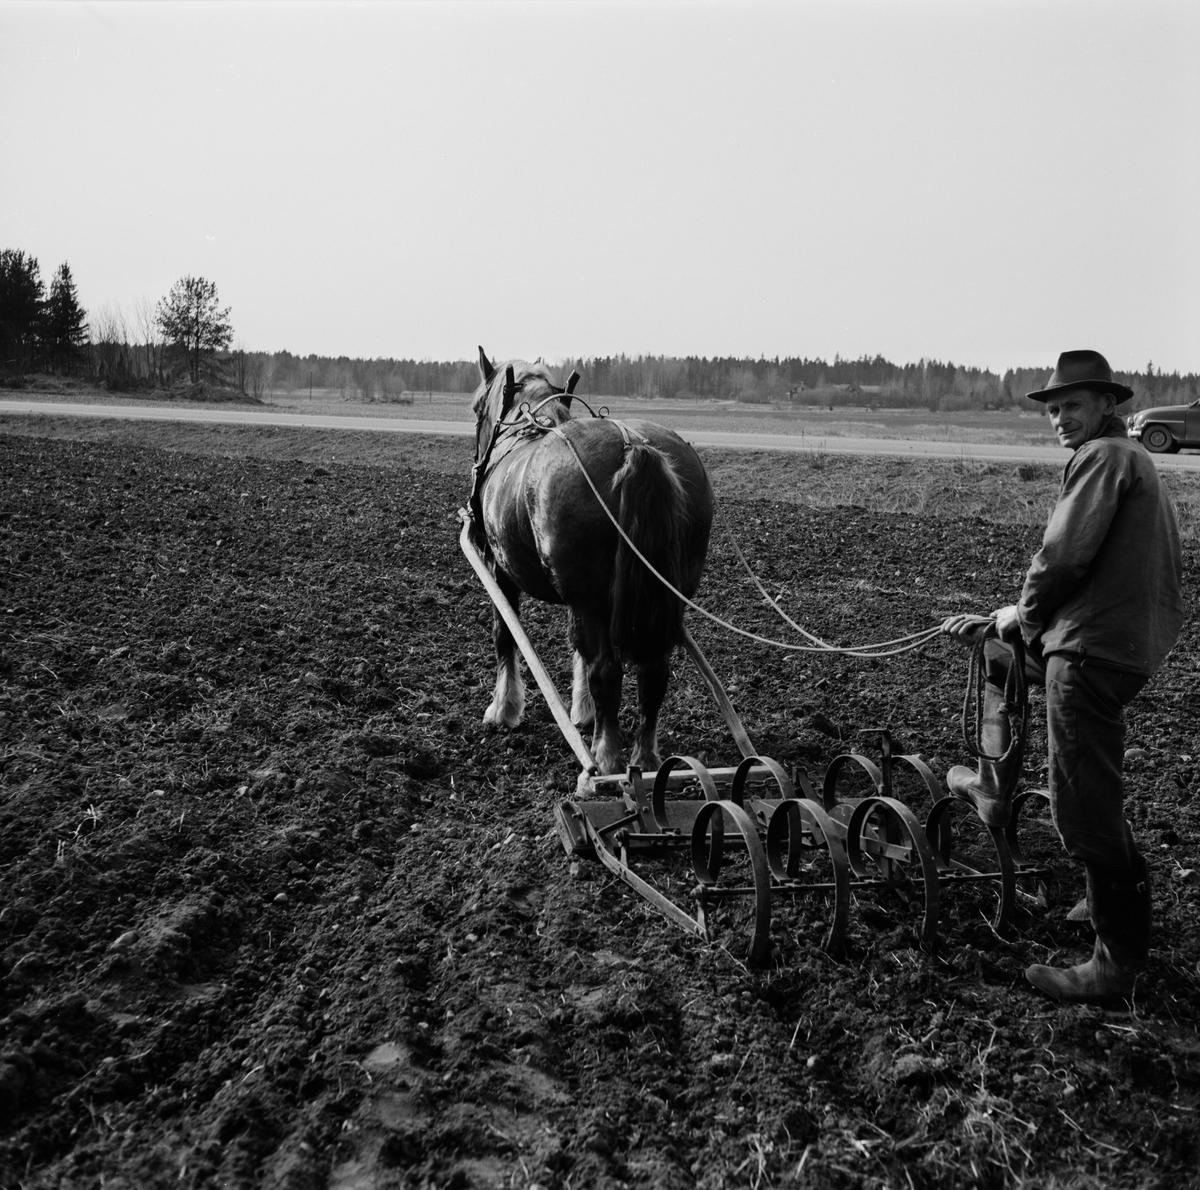 Jordbrukare Gunnar Jansson och ardennerstoet Tanja framför harven, Sjukarby, Tolfta